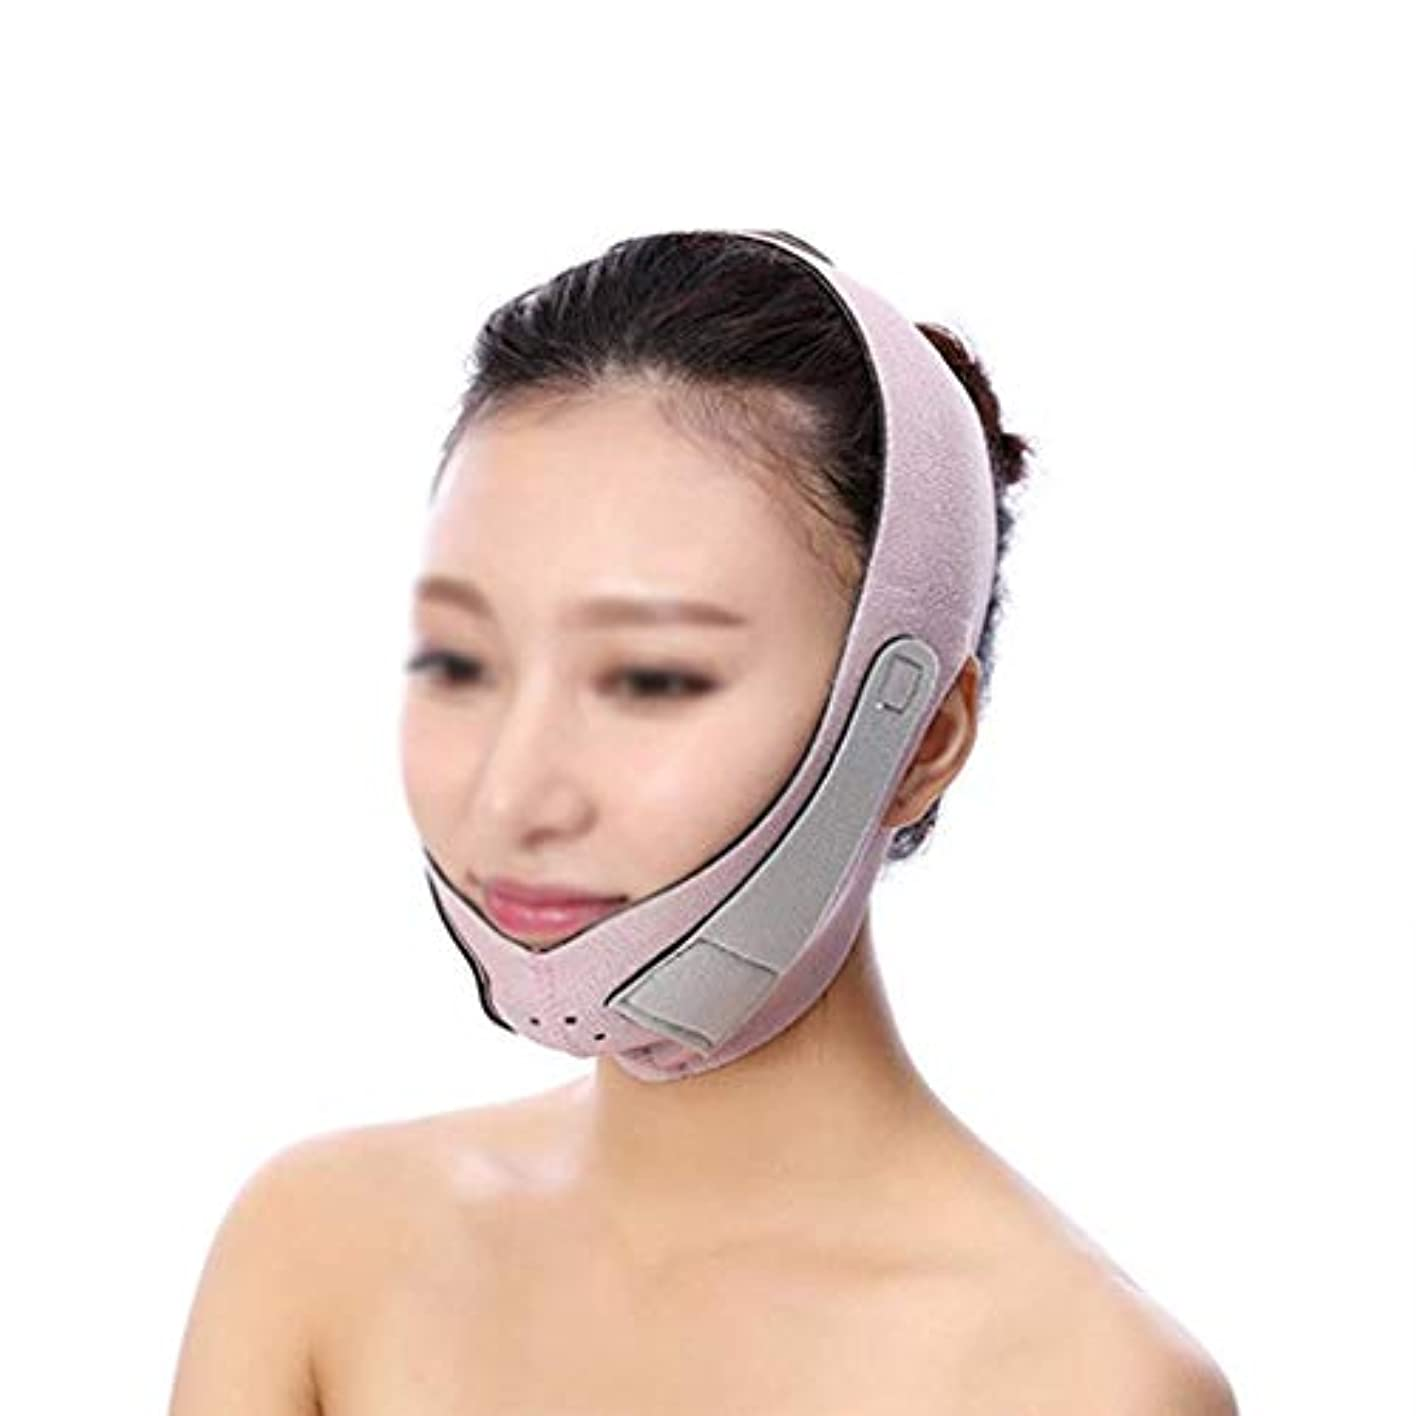 配管グラマー観客薄型フェイスマスク、フェイスリフティングに最適、フェイスバンドを持ち上げてスキン包帯を引き締める、チークチンリフティング、スキン包帯を引き締める(フリーサイズ)(カラー:オレンジ),紫の